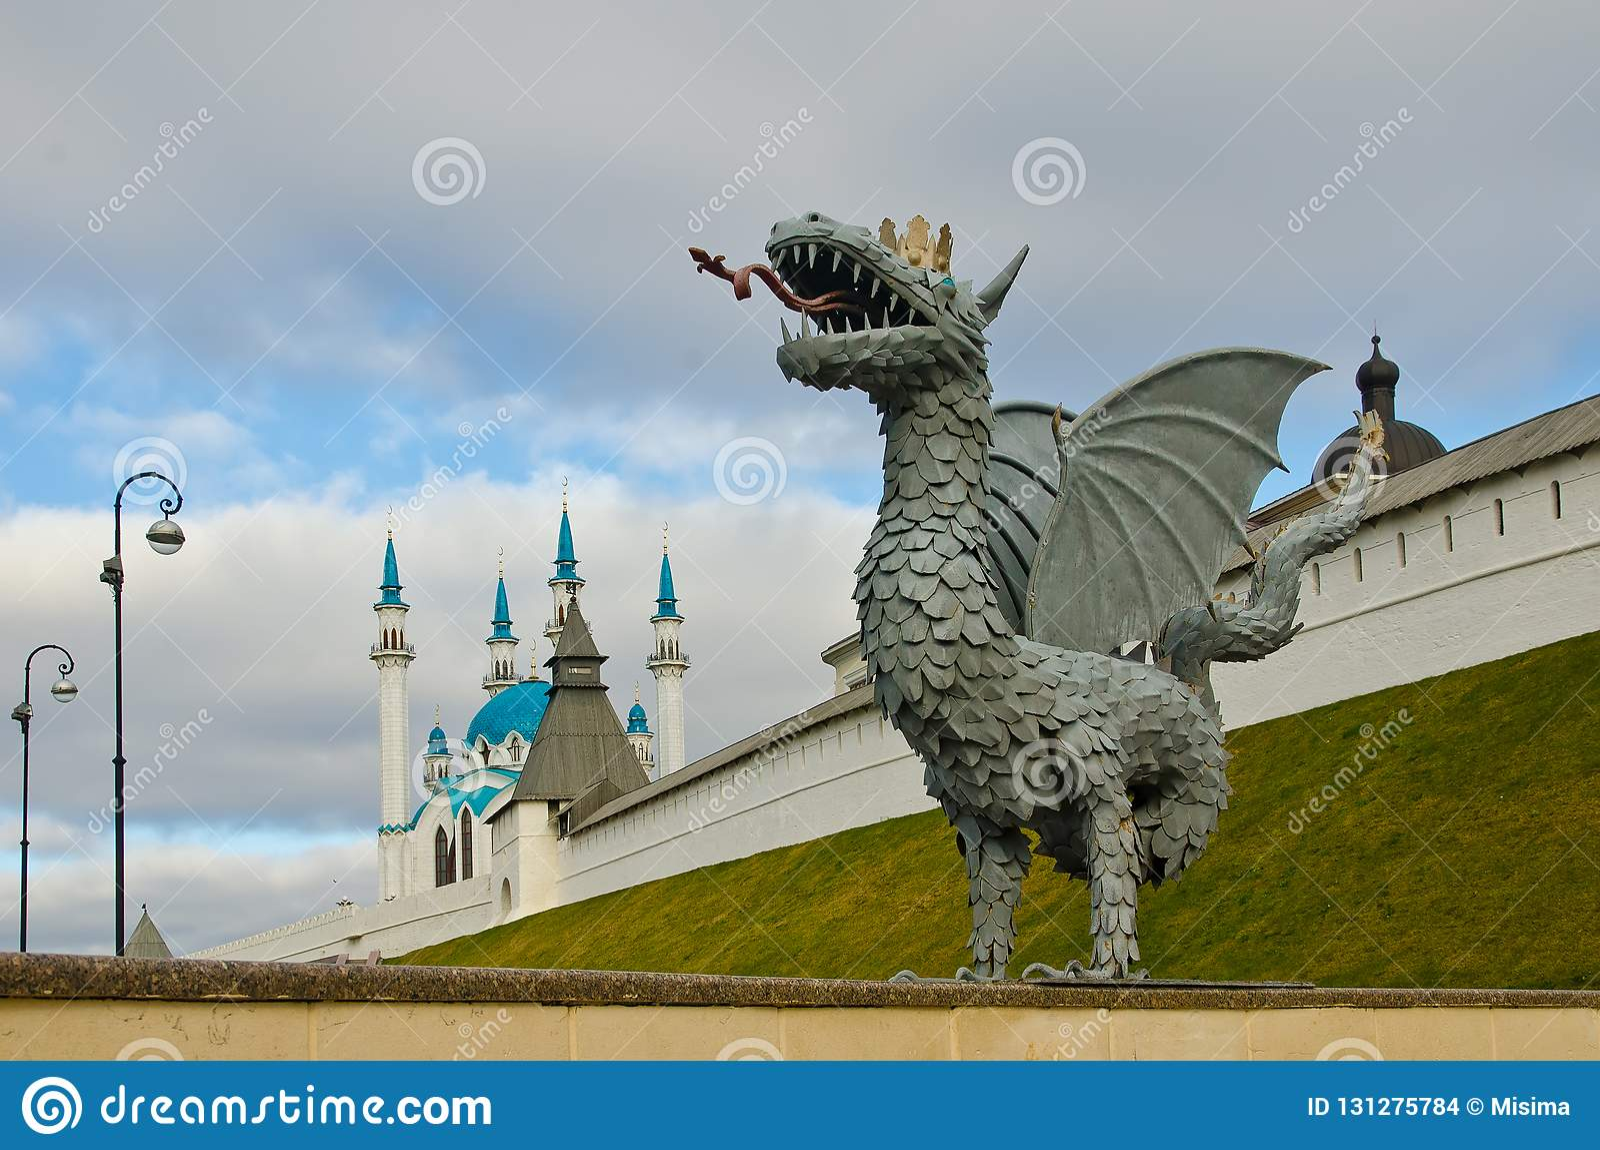 Zilant è il simbolo di Kazan vicino al Kul Sharif Mosque